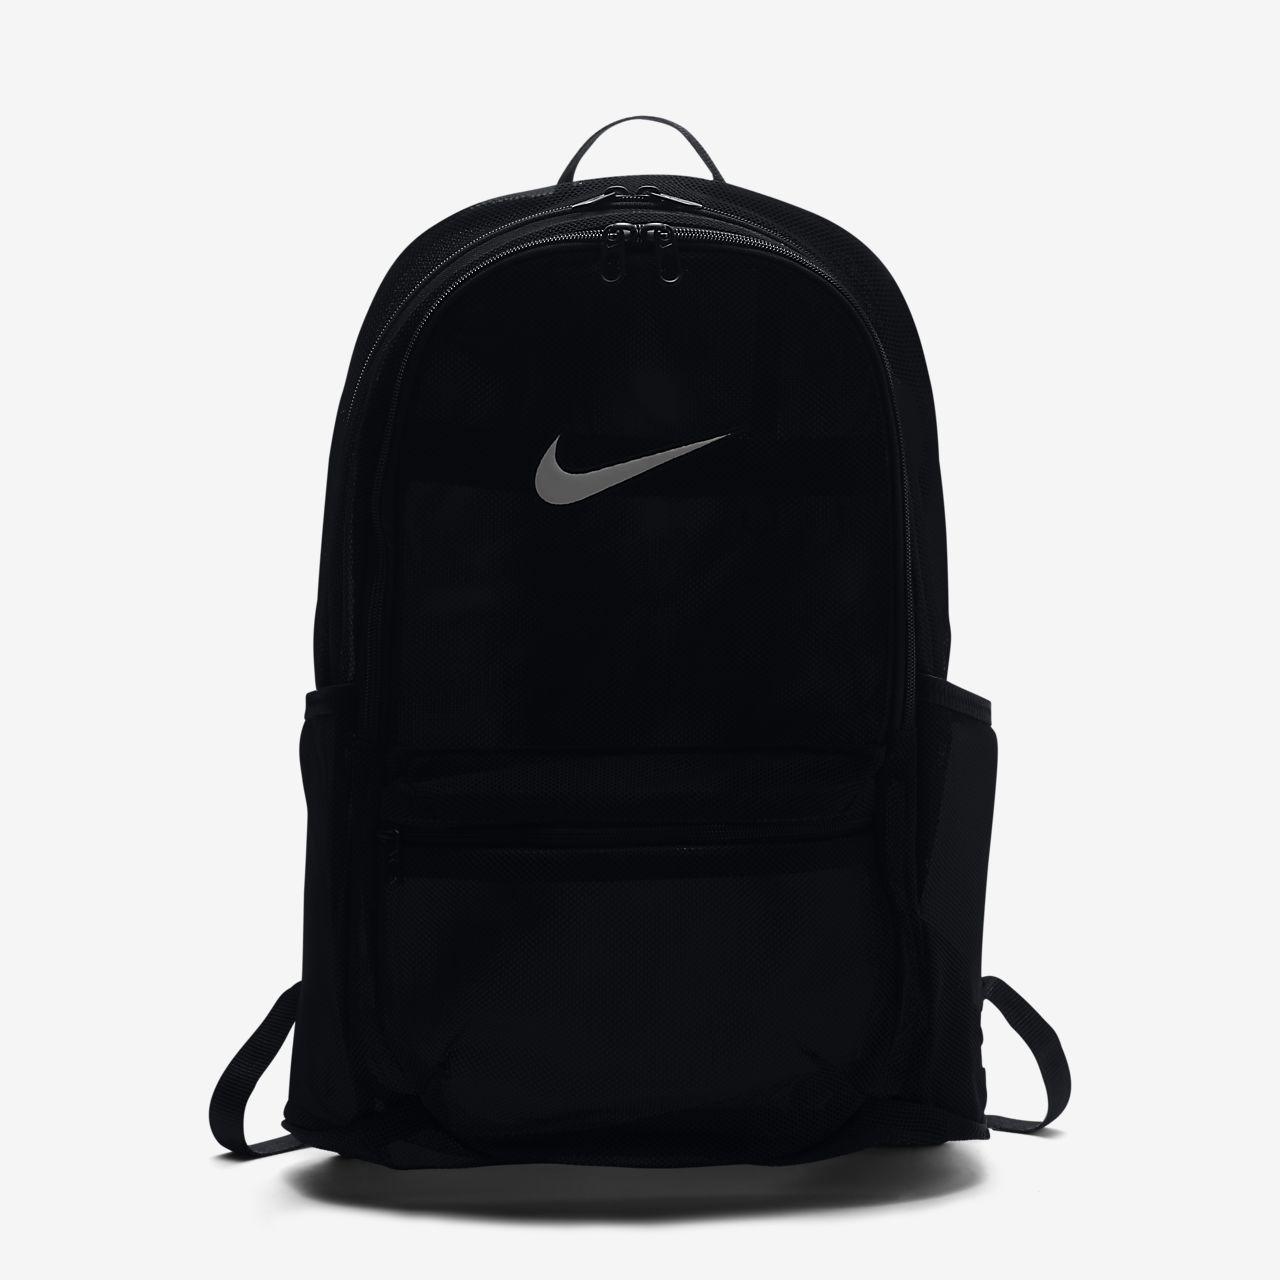 8f17d3f56469 Sac à dos de training Nike Brasilia Mesh. Nike.com BE